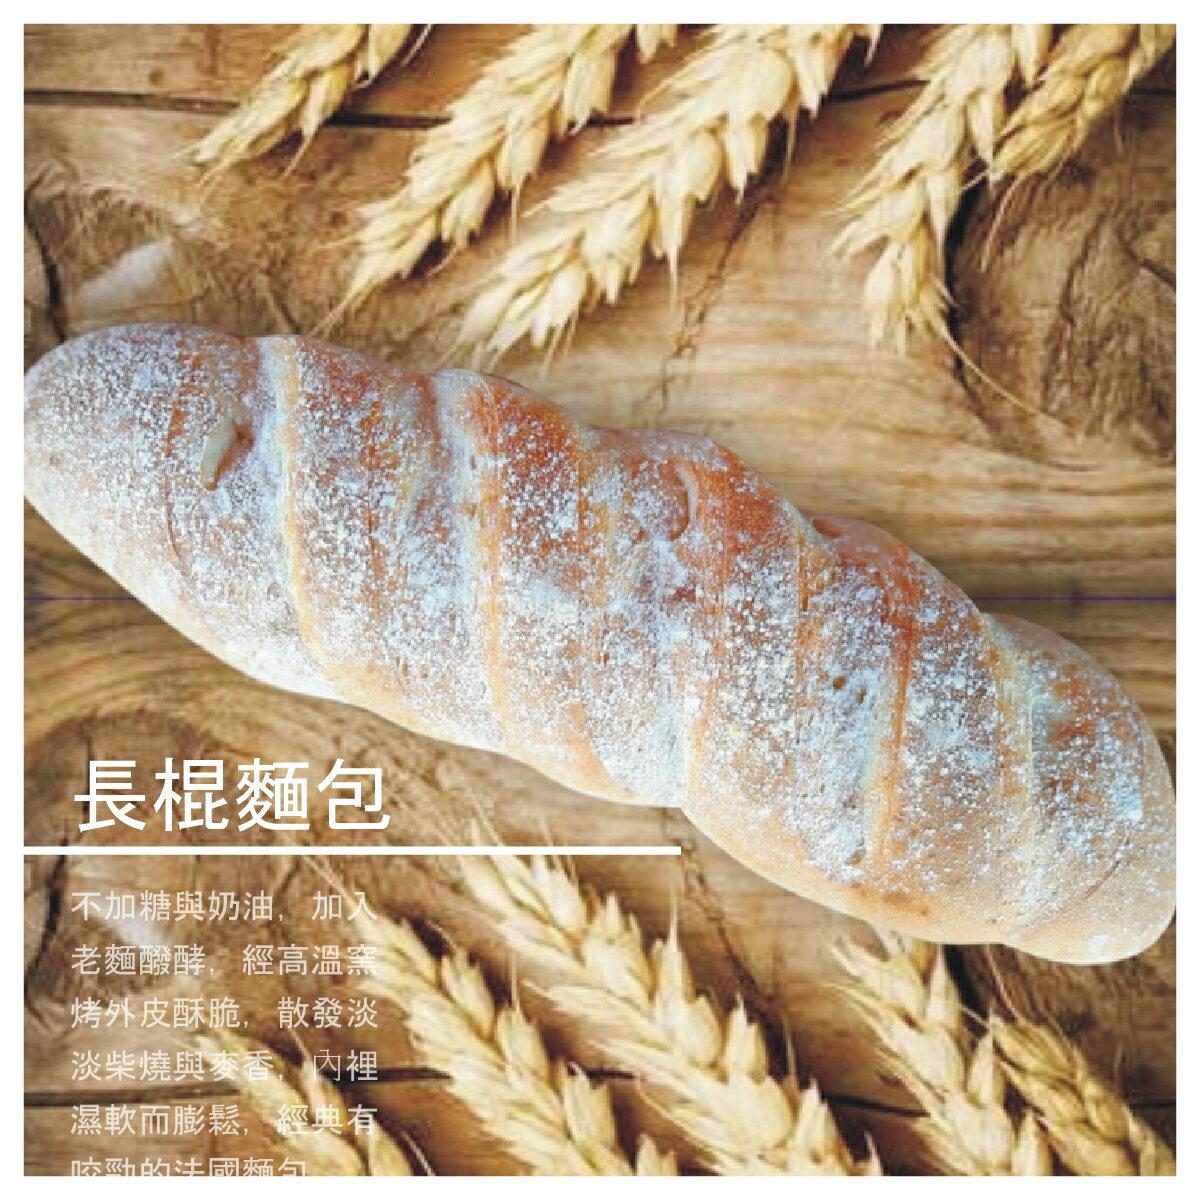 【小瓢蟲柴燒窯烤】長棍麵包 /條